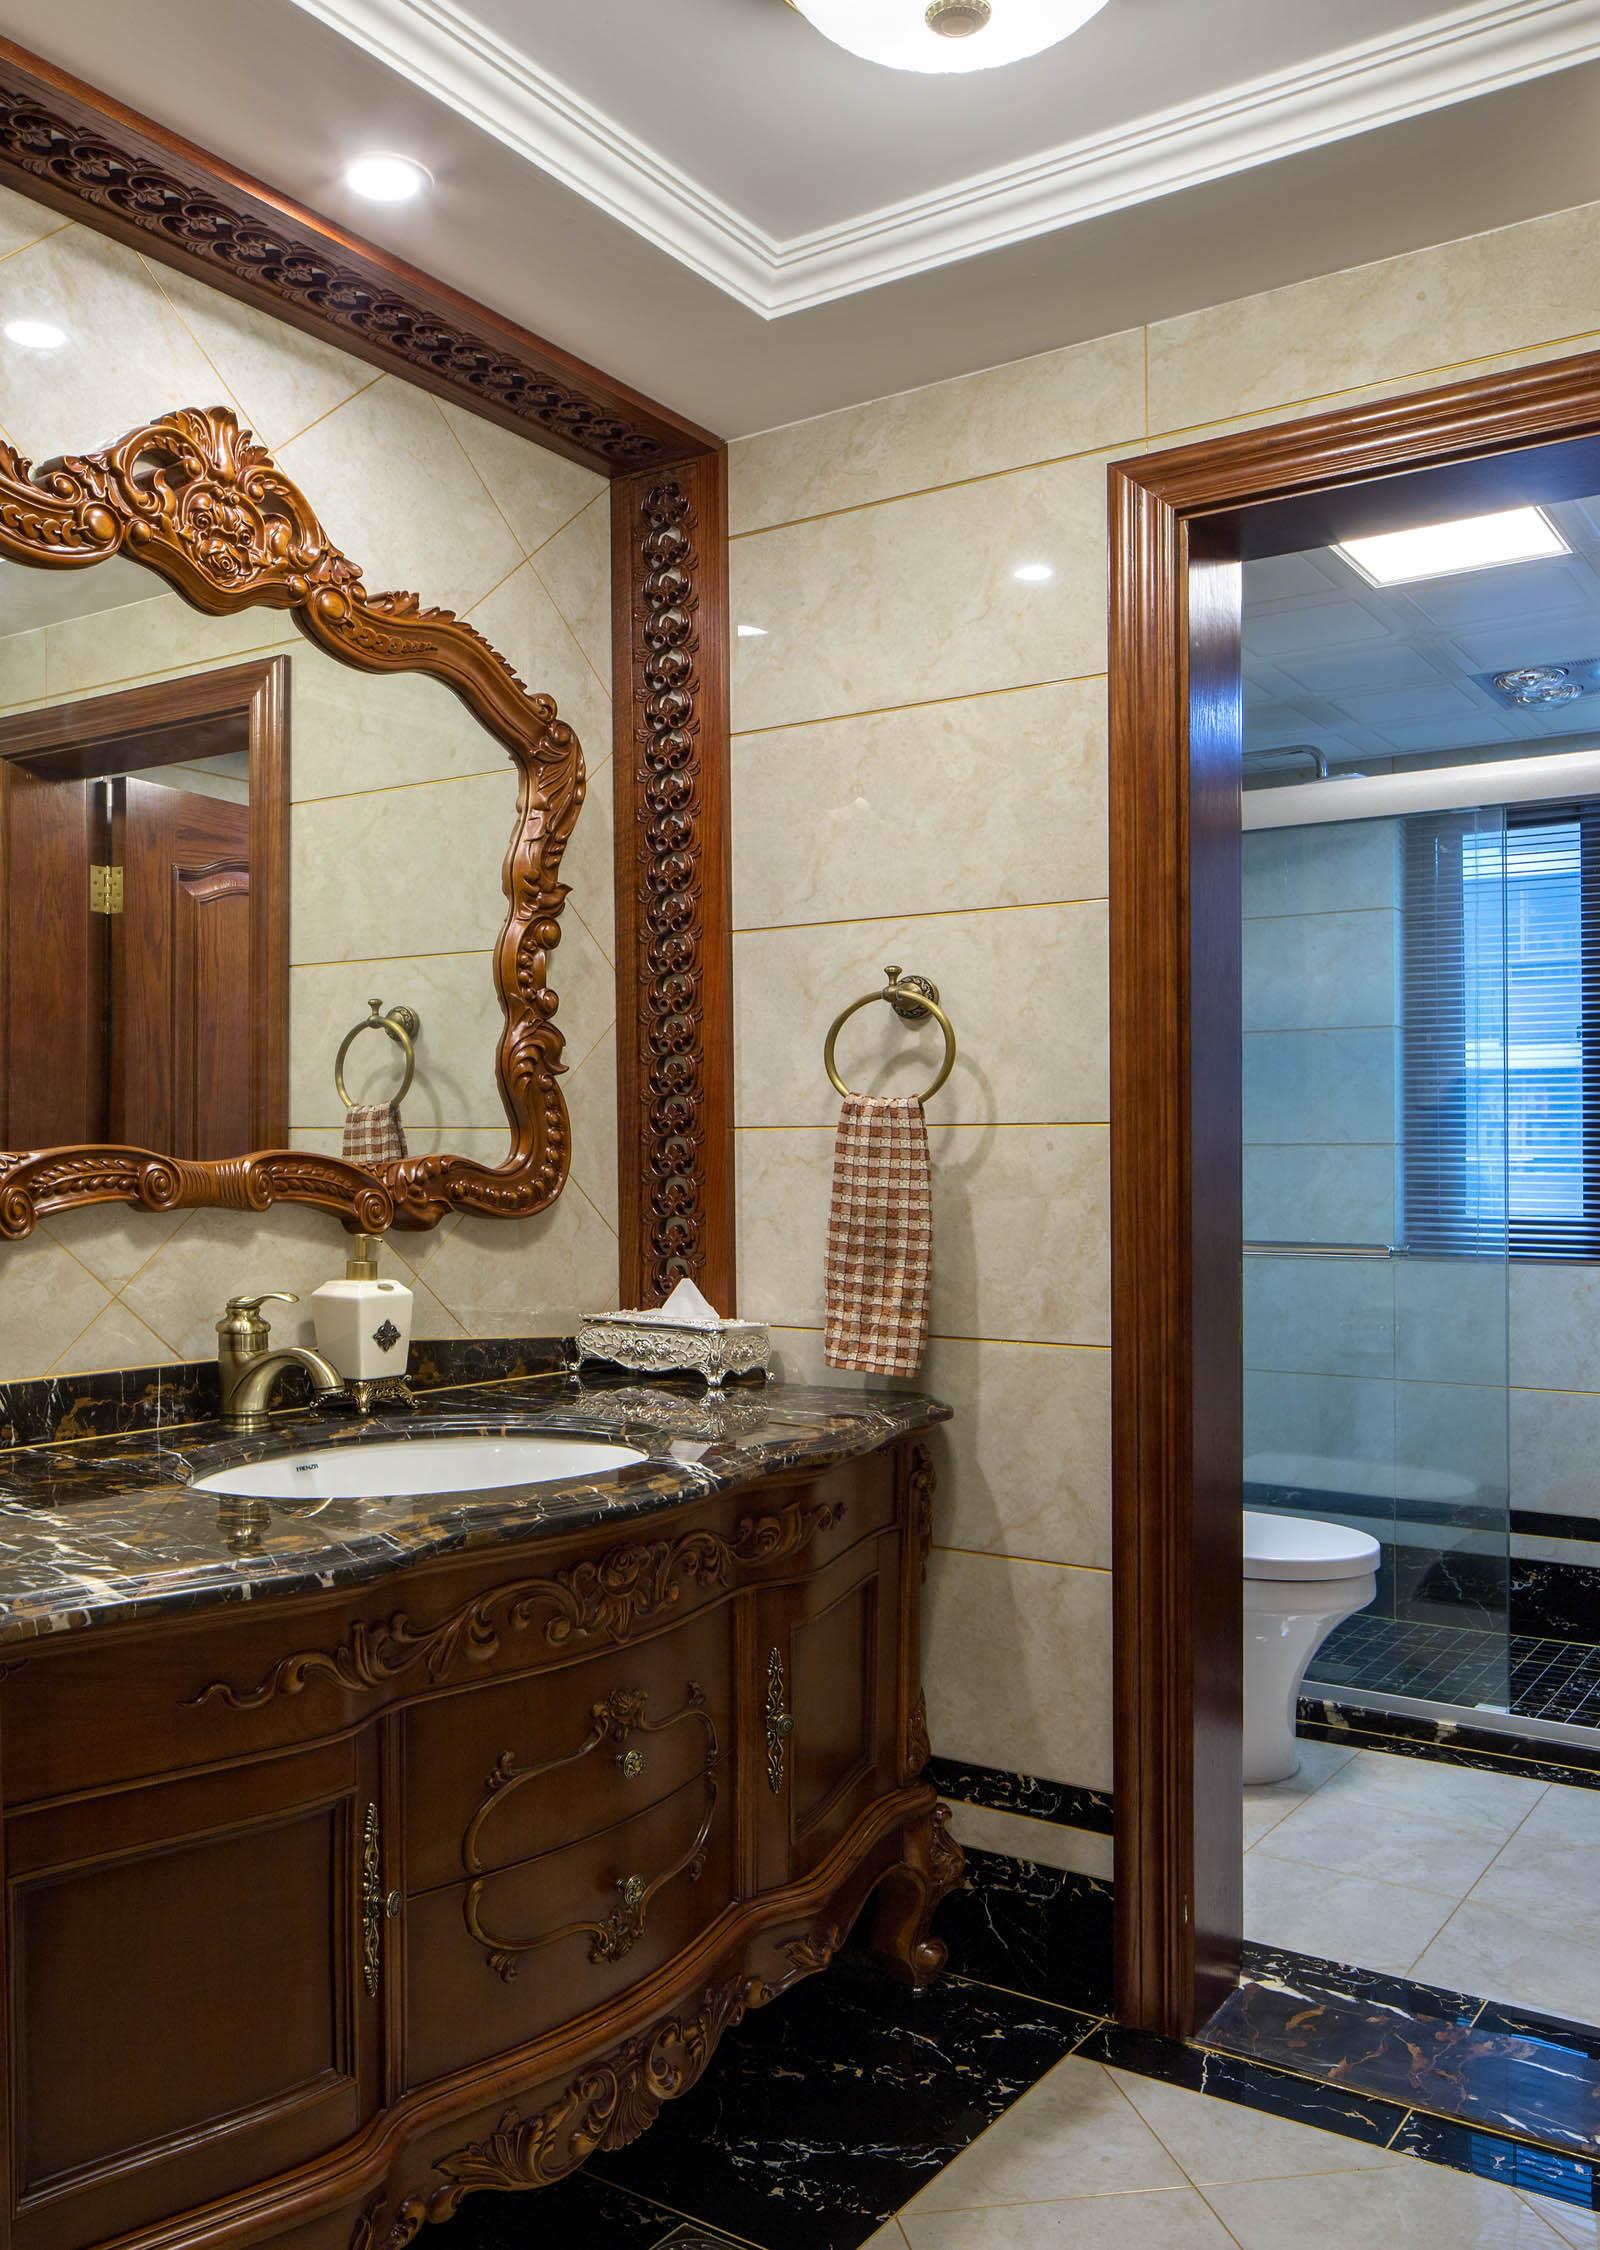 新古典美式装修浴室柜图片